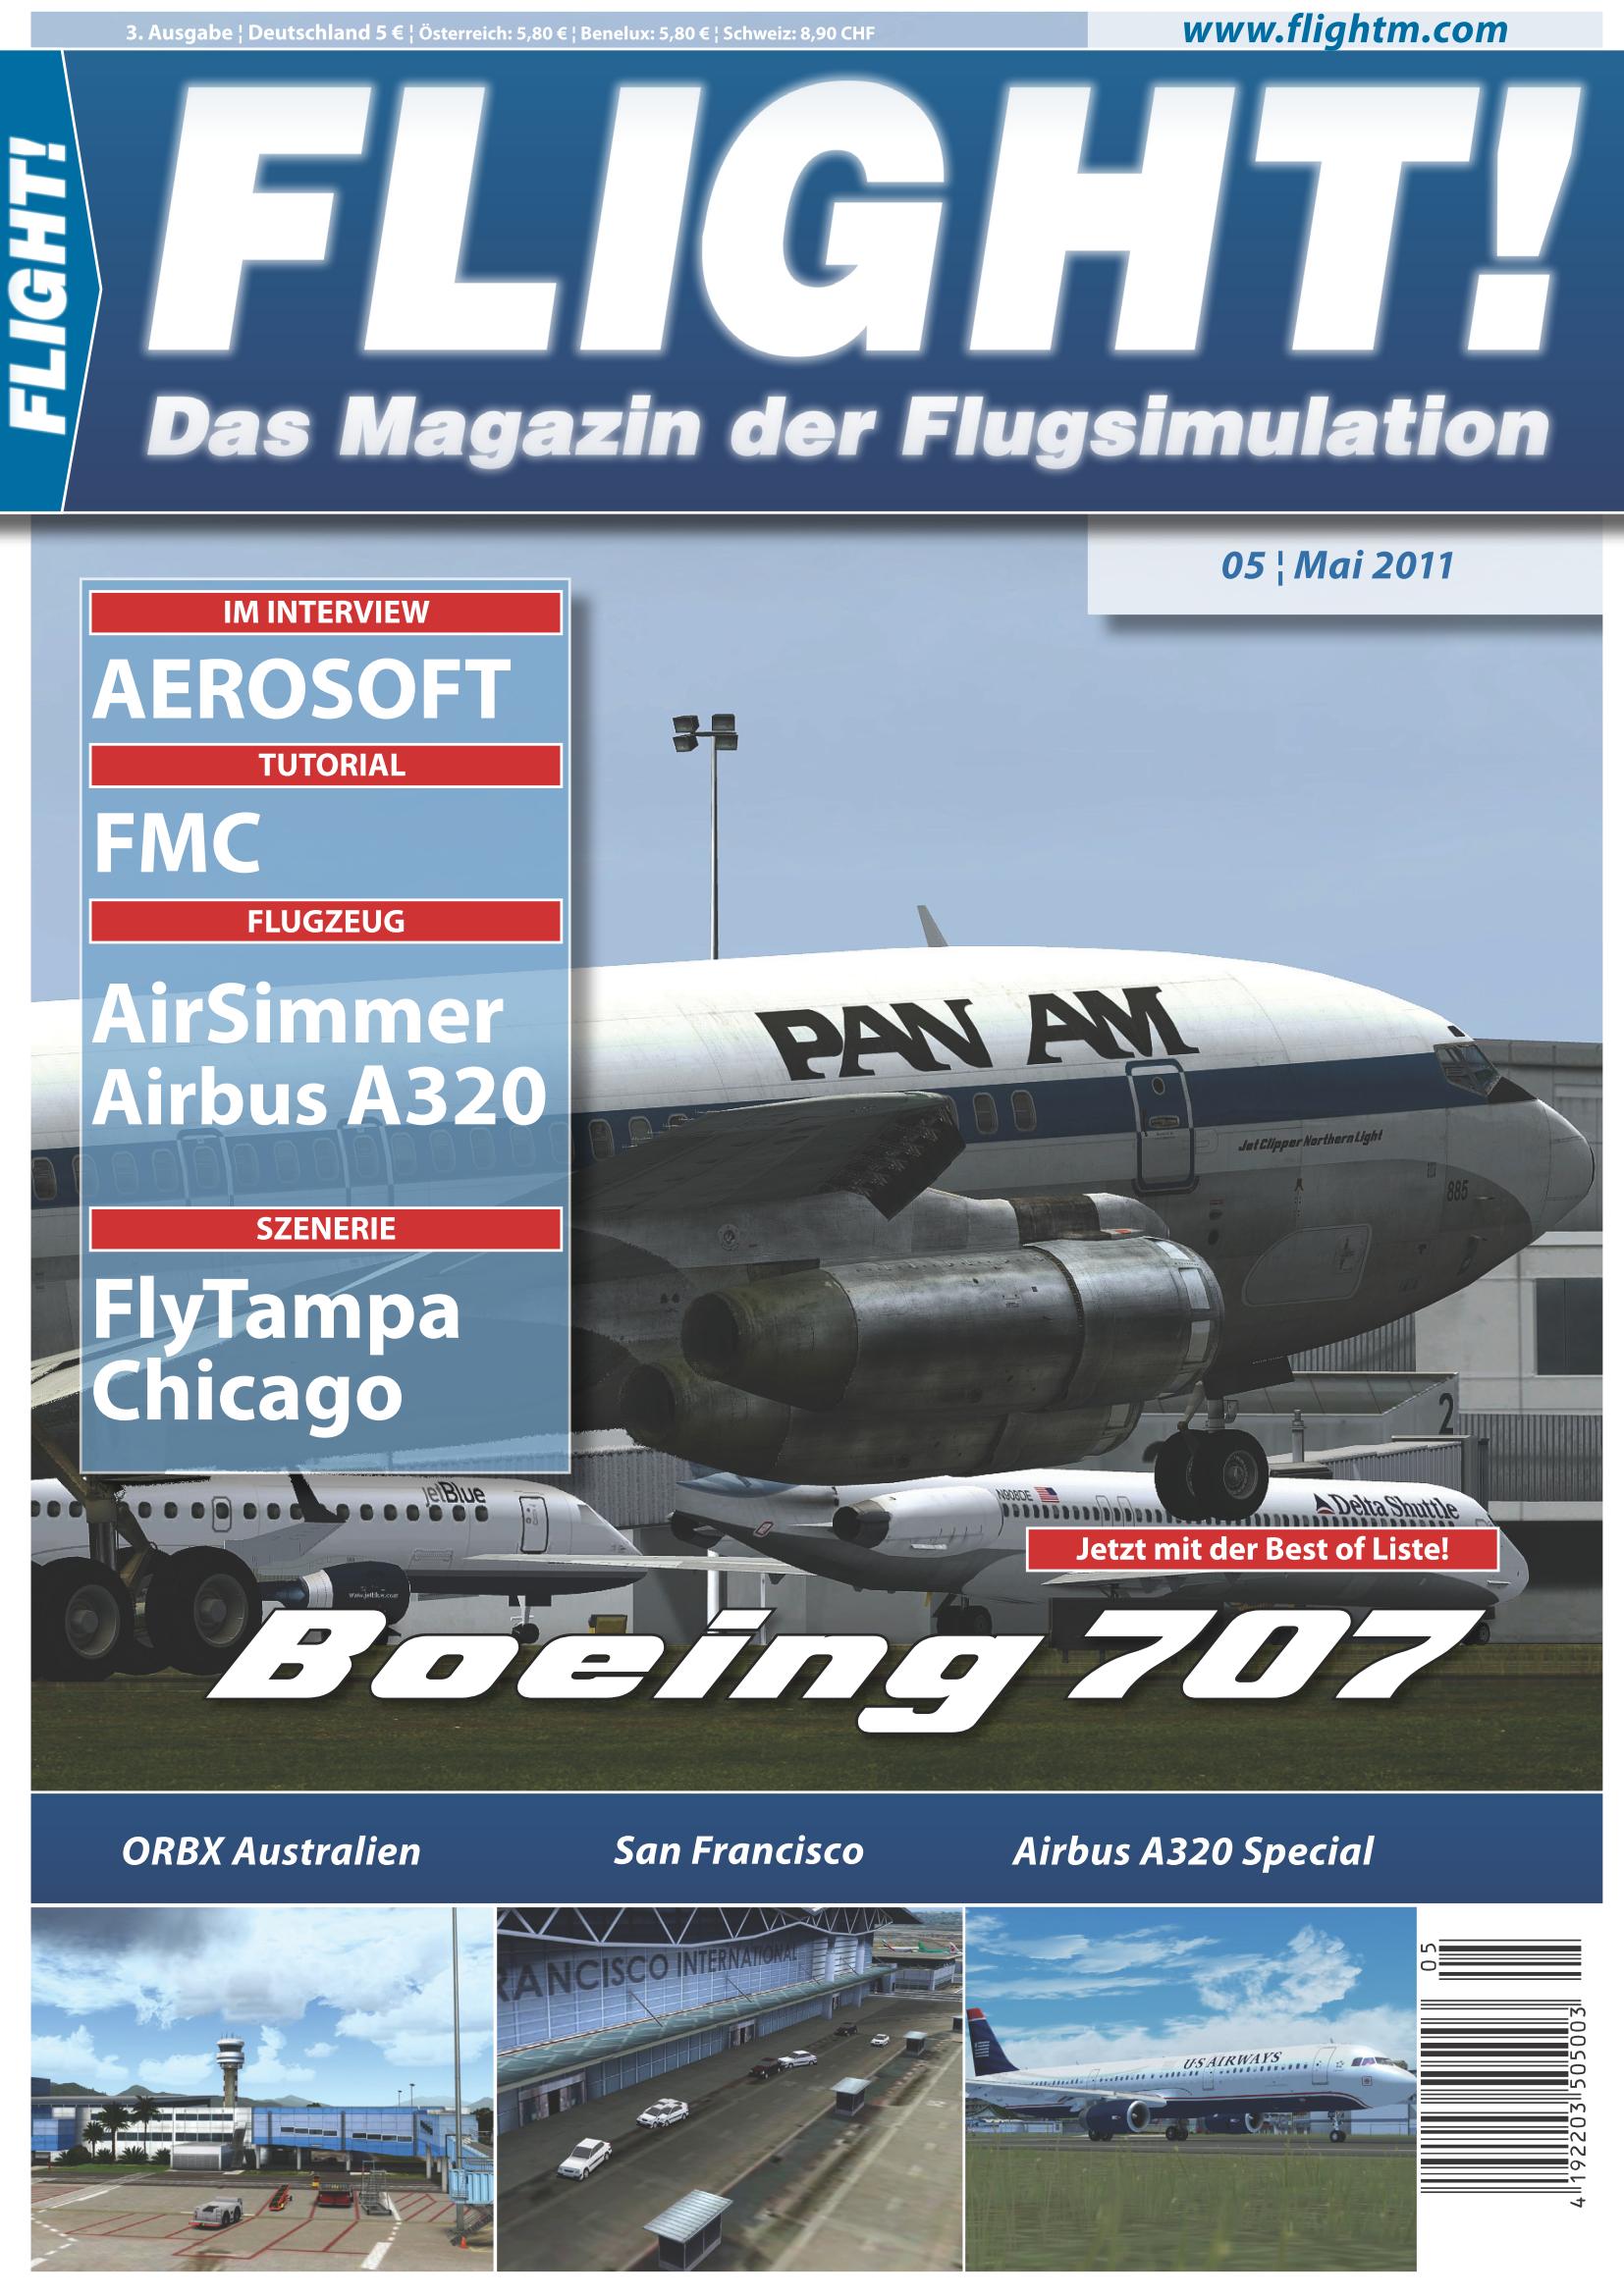 Flight0511_01